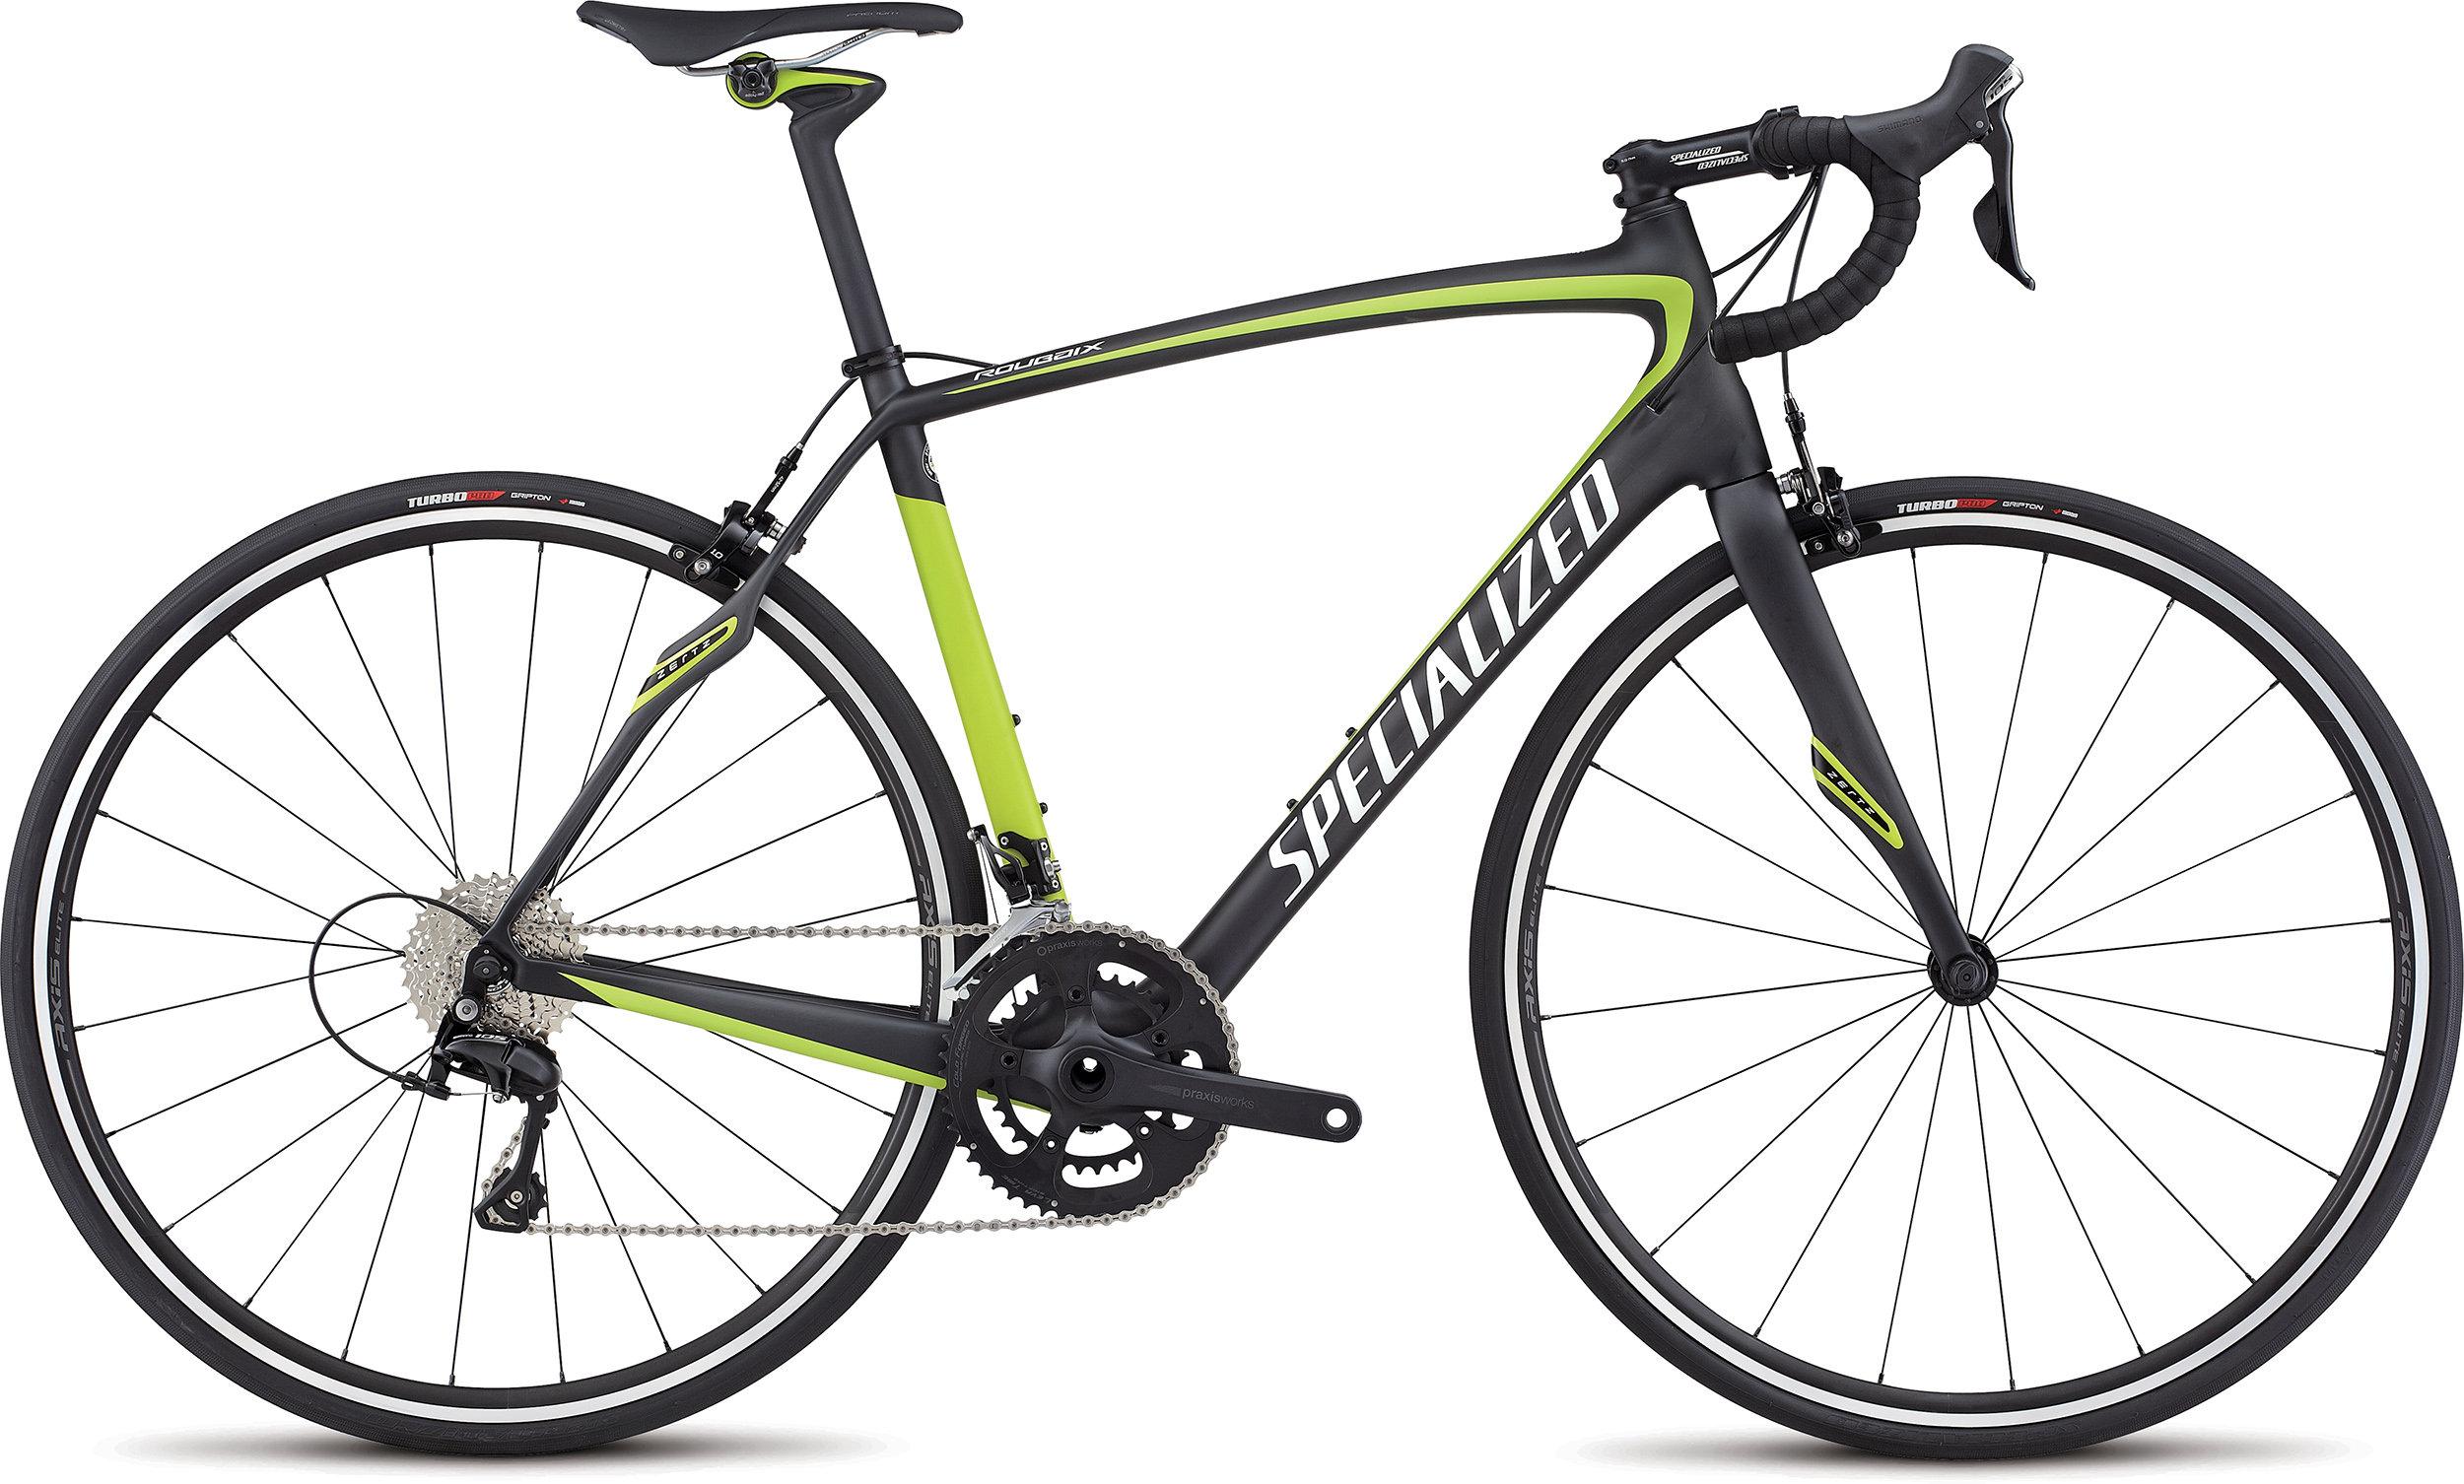 SPECIALIZED ROUBAIX SL4 SPORT RIM CARB/HYP/METWHTSIL 61 - Bike Maniac